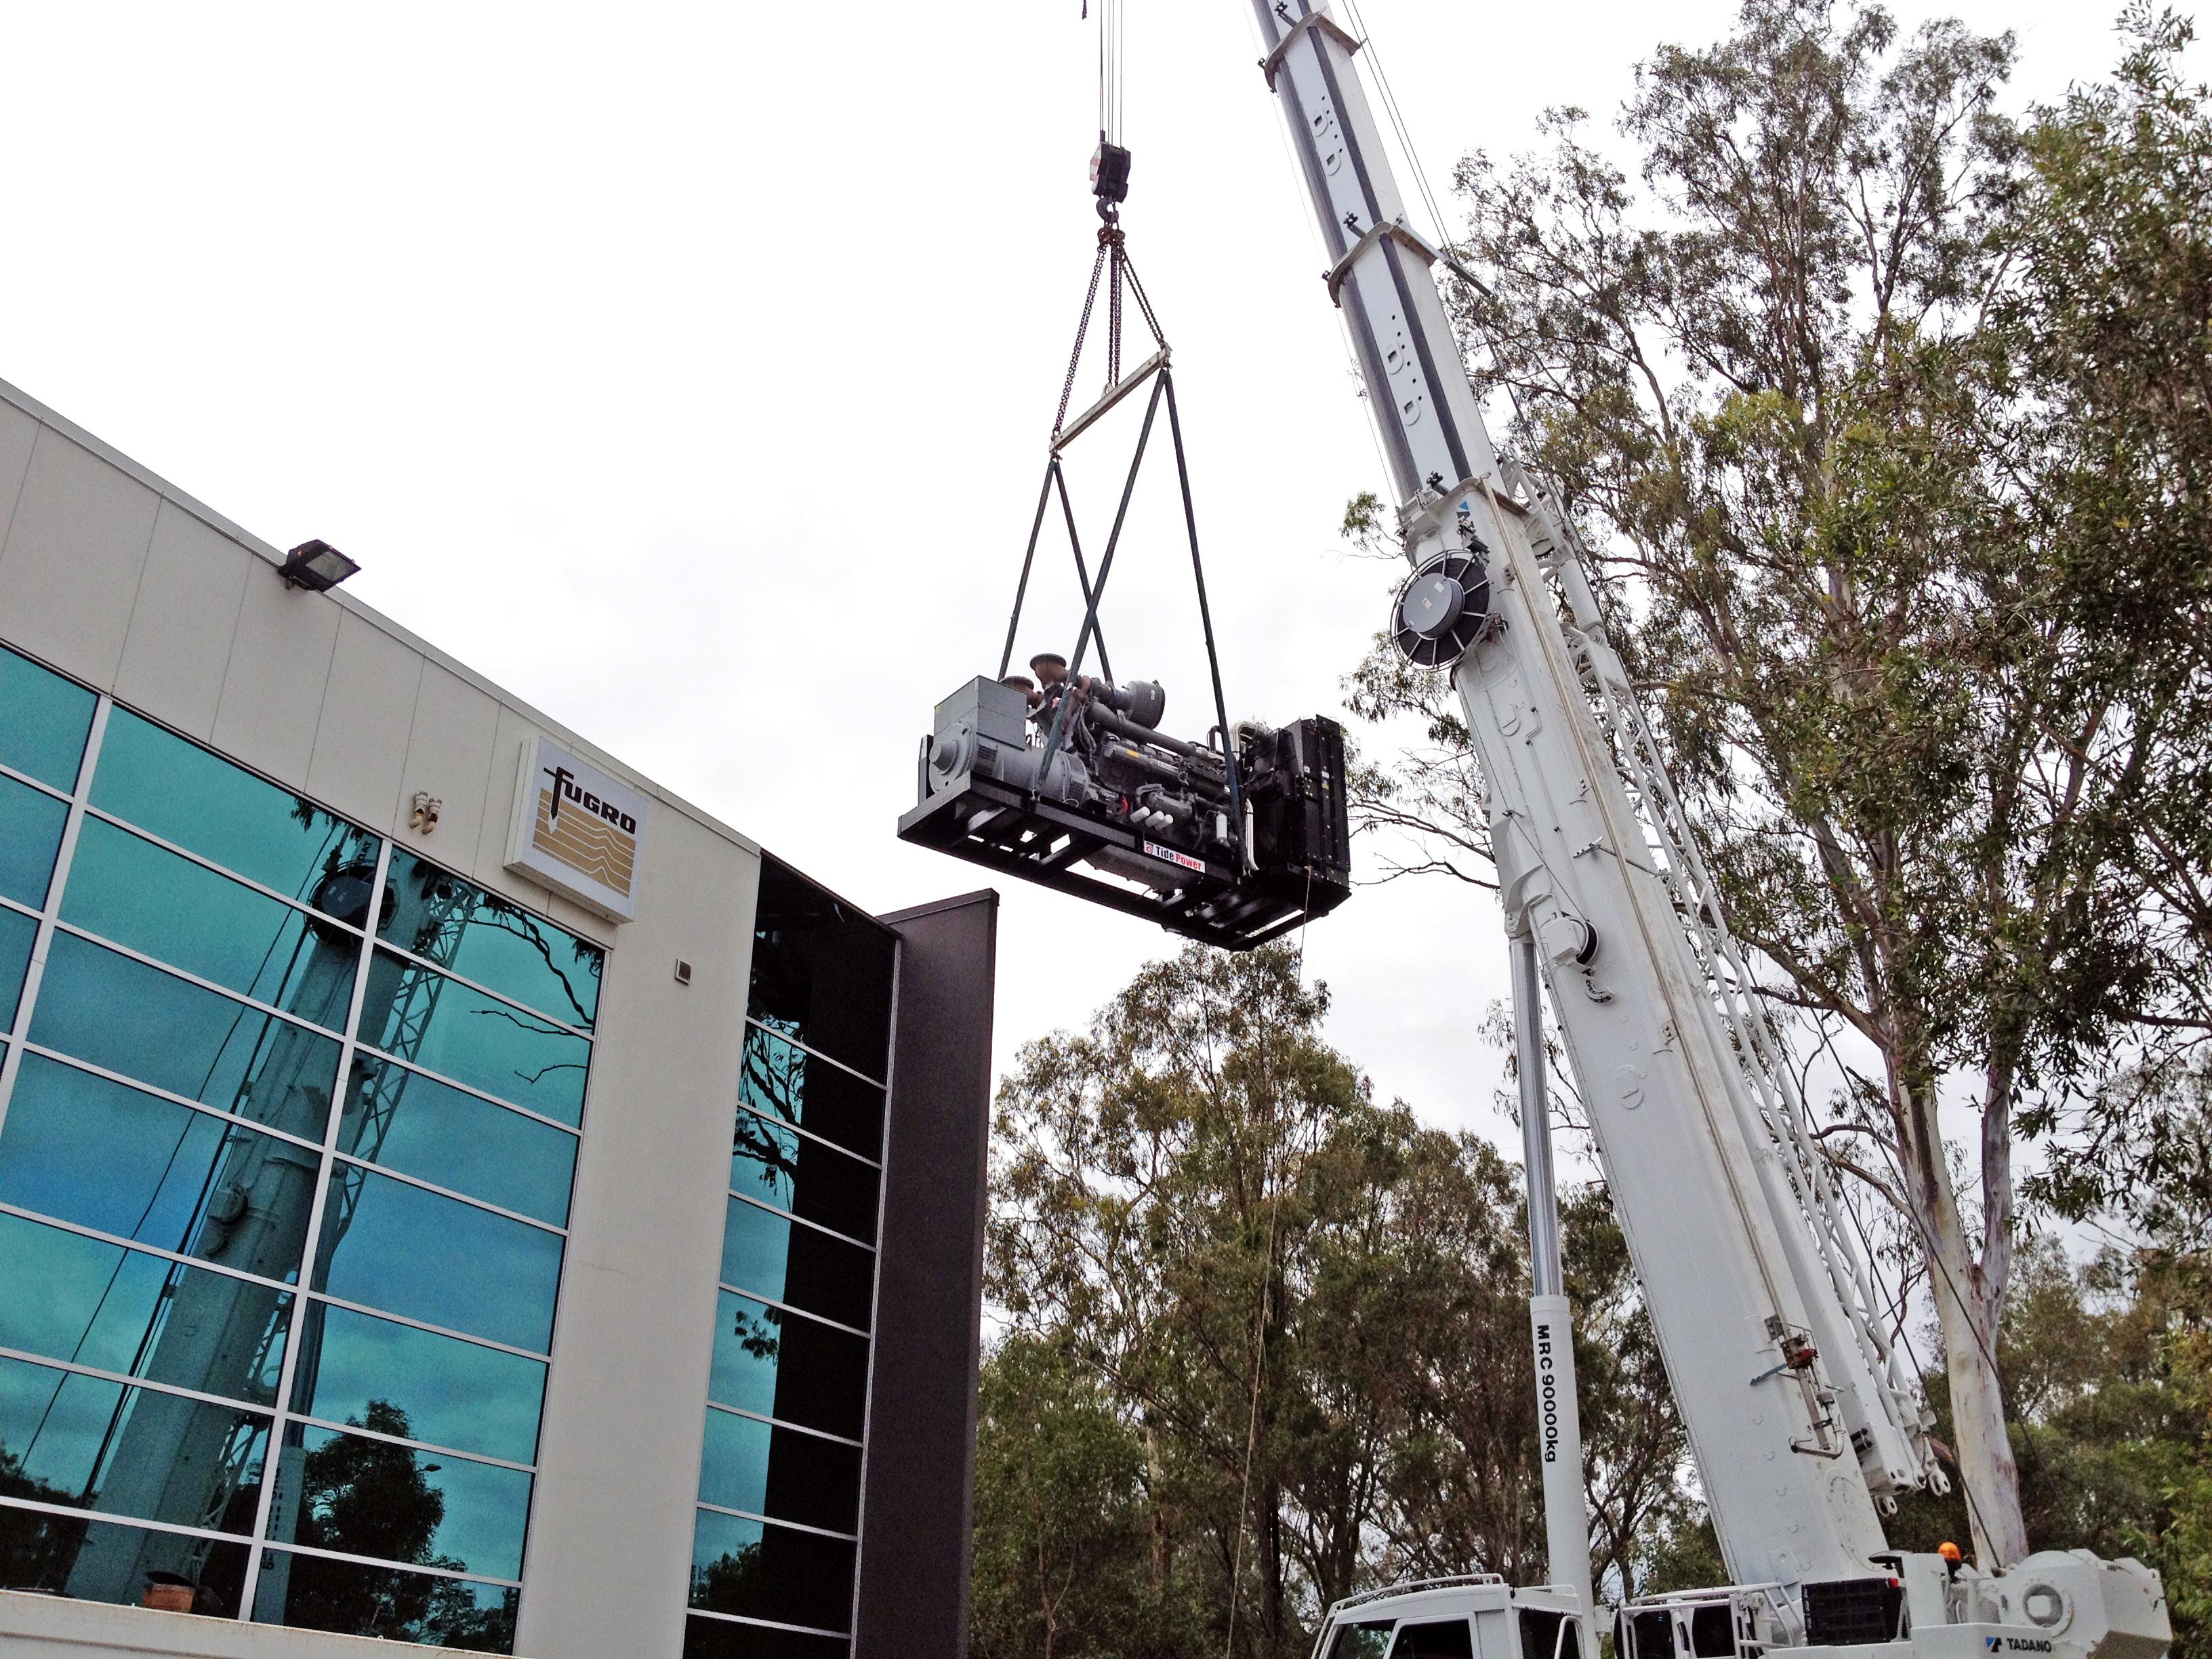 澳大利亚 数据 中心 TPE1500 установить фото 027